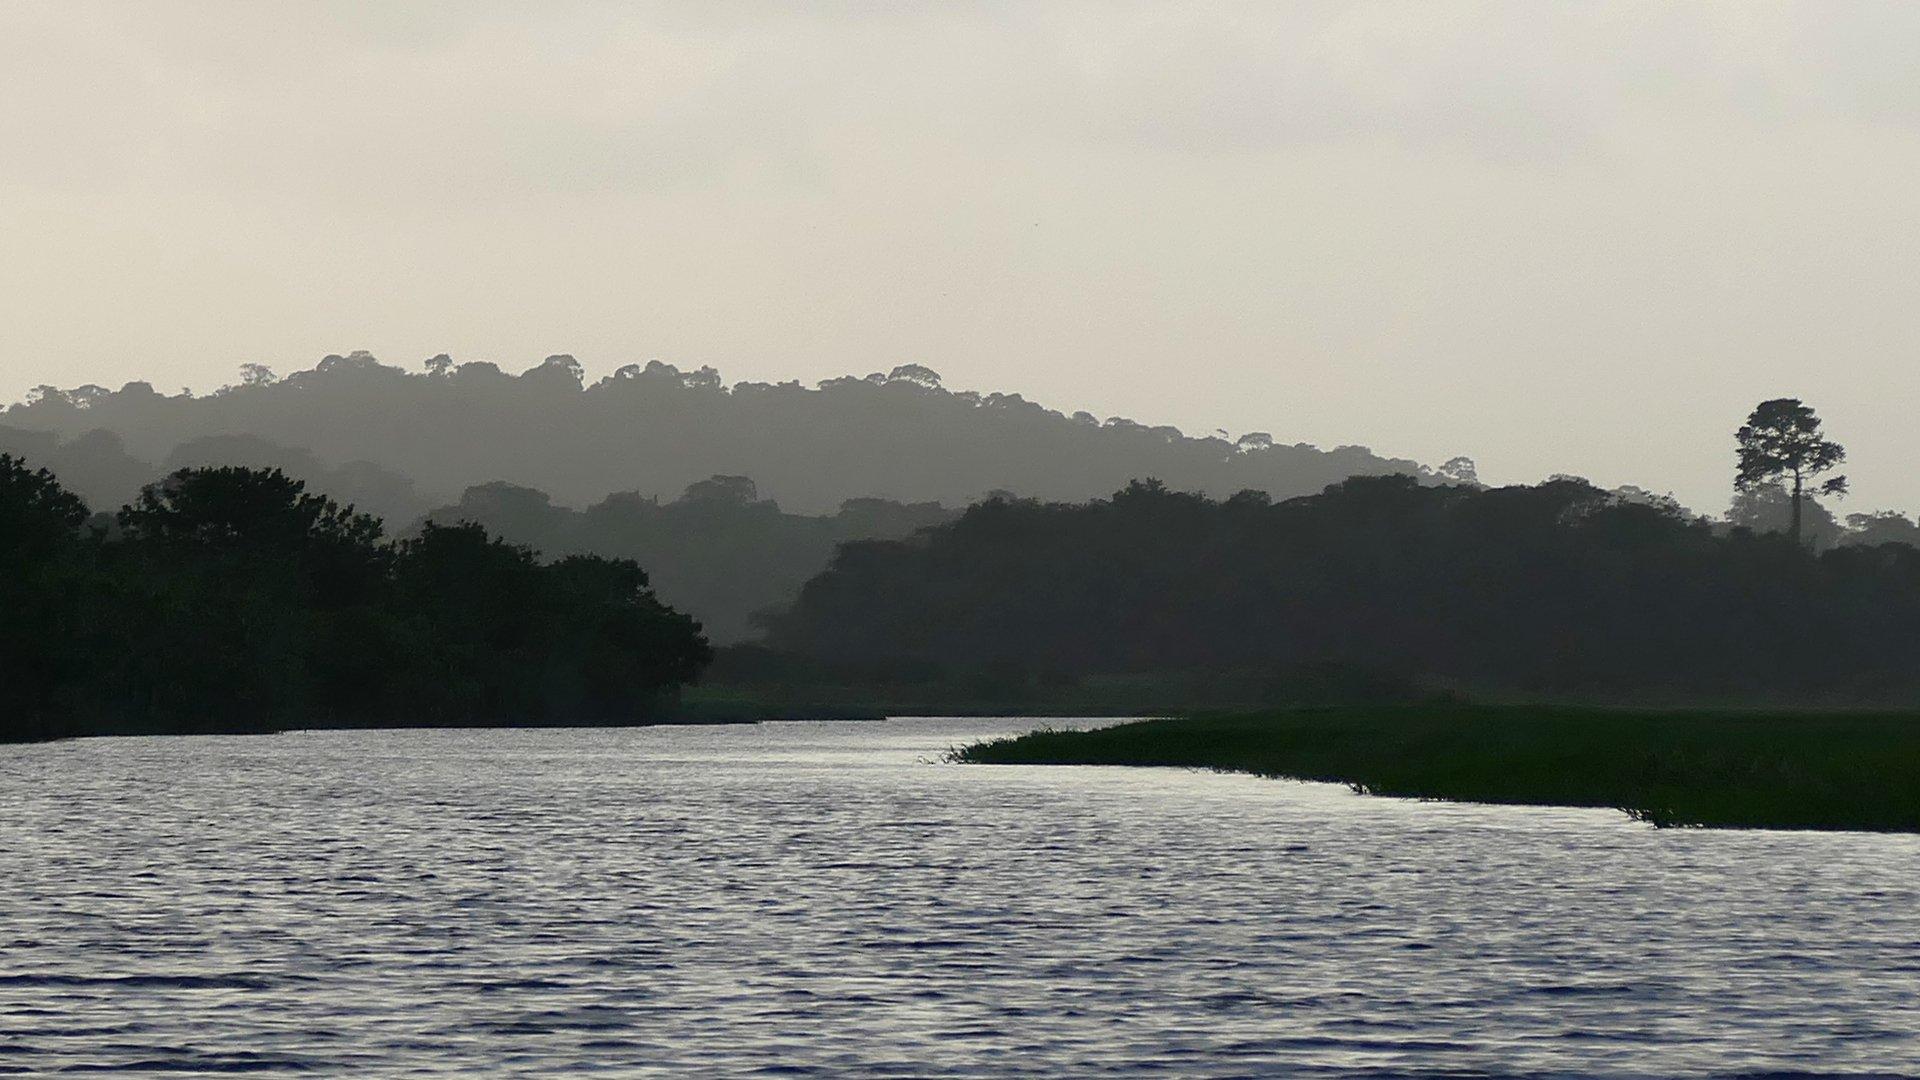 Kaw River